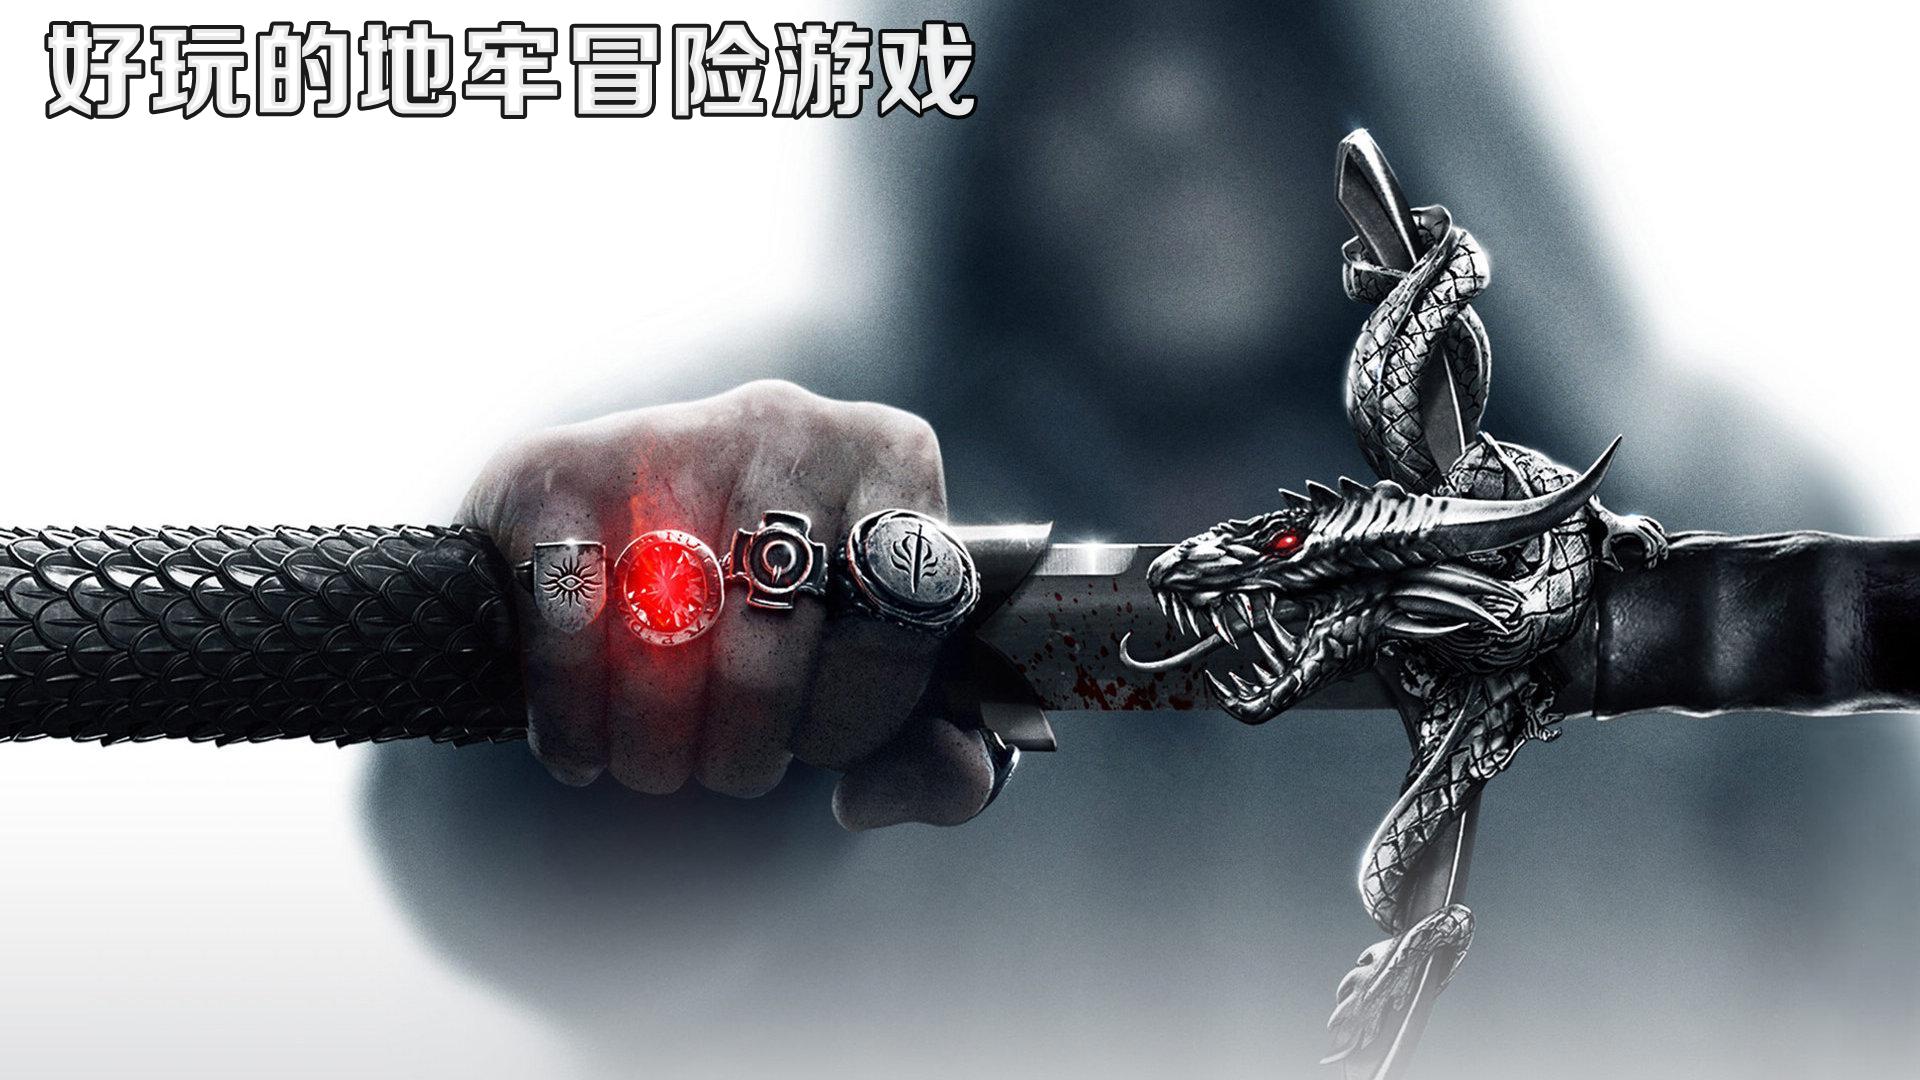 http://www.taobangzhu.net/z/hwddlmxyx/